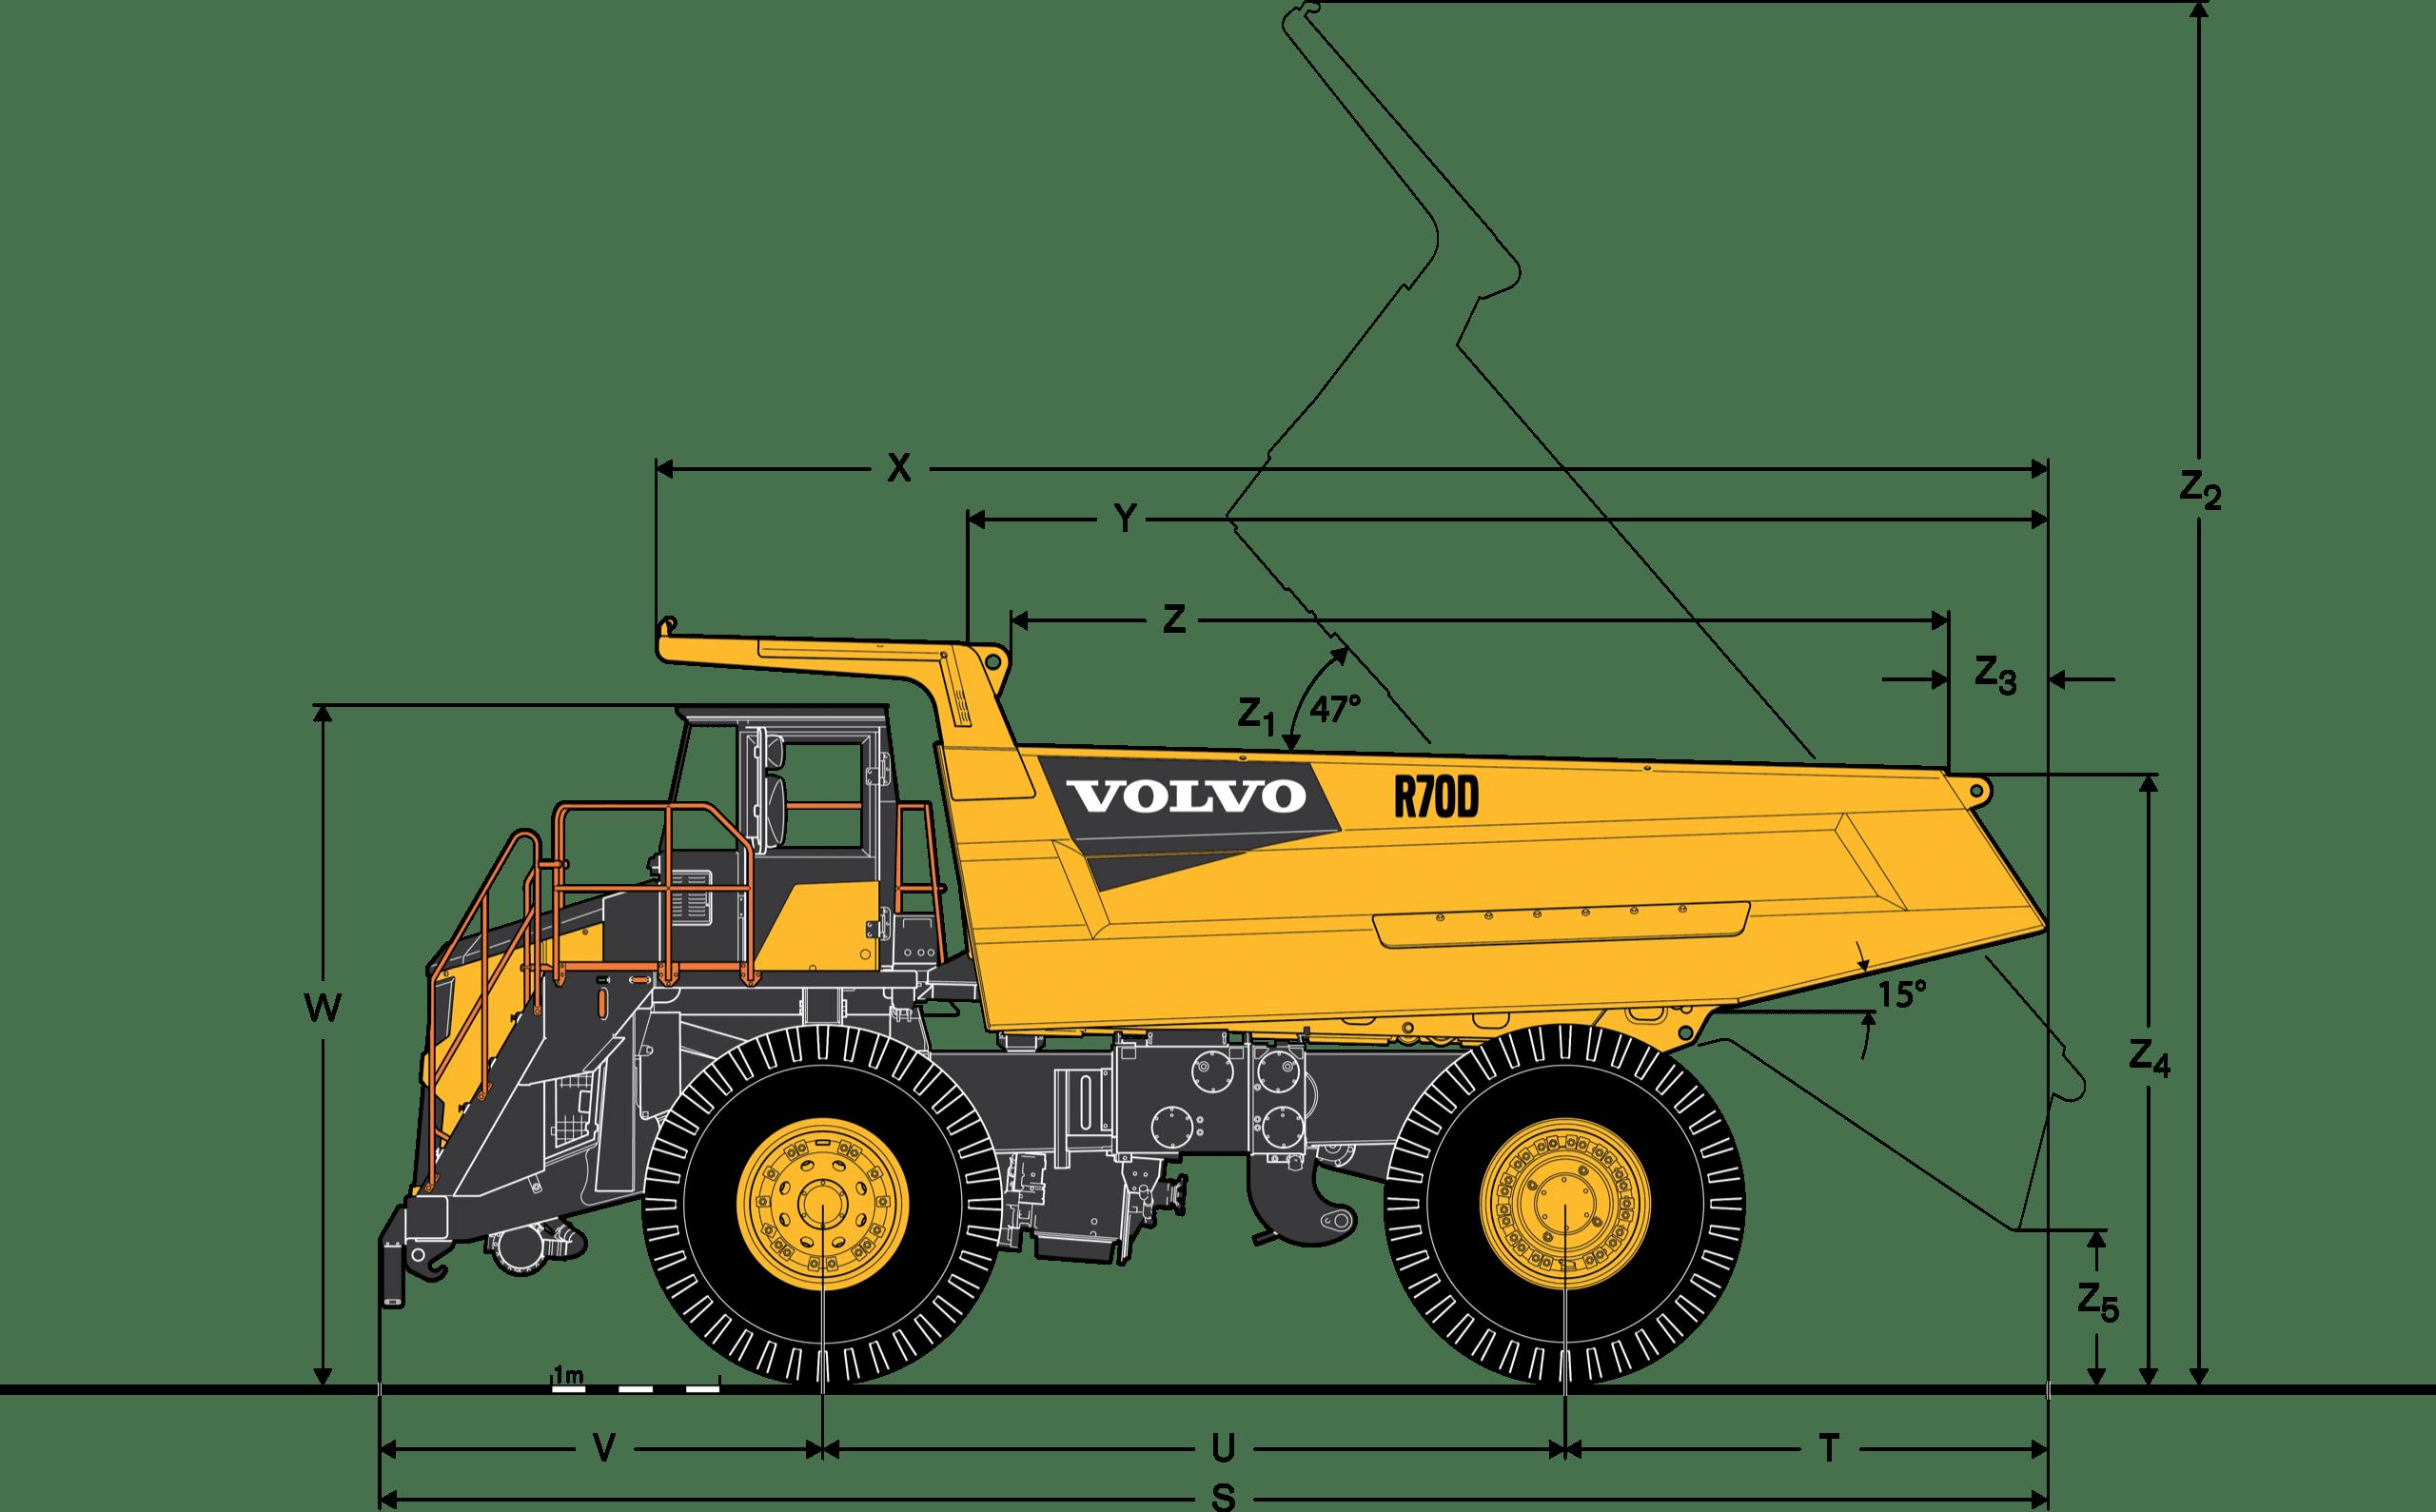 CJD-Rigid-Hauler-Volvo-R70D-2